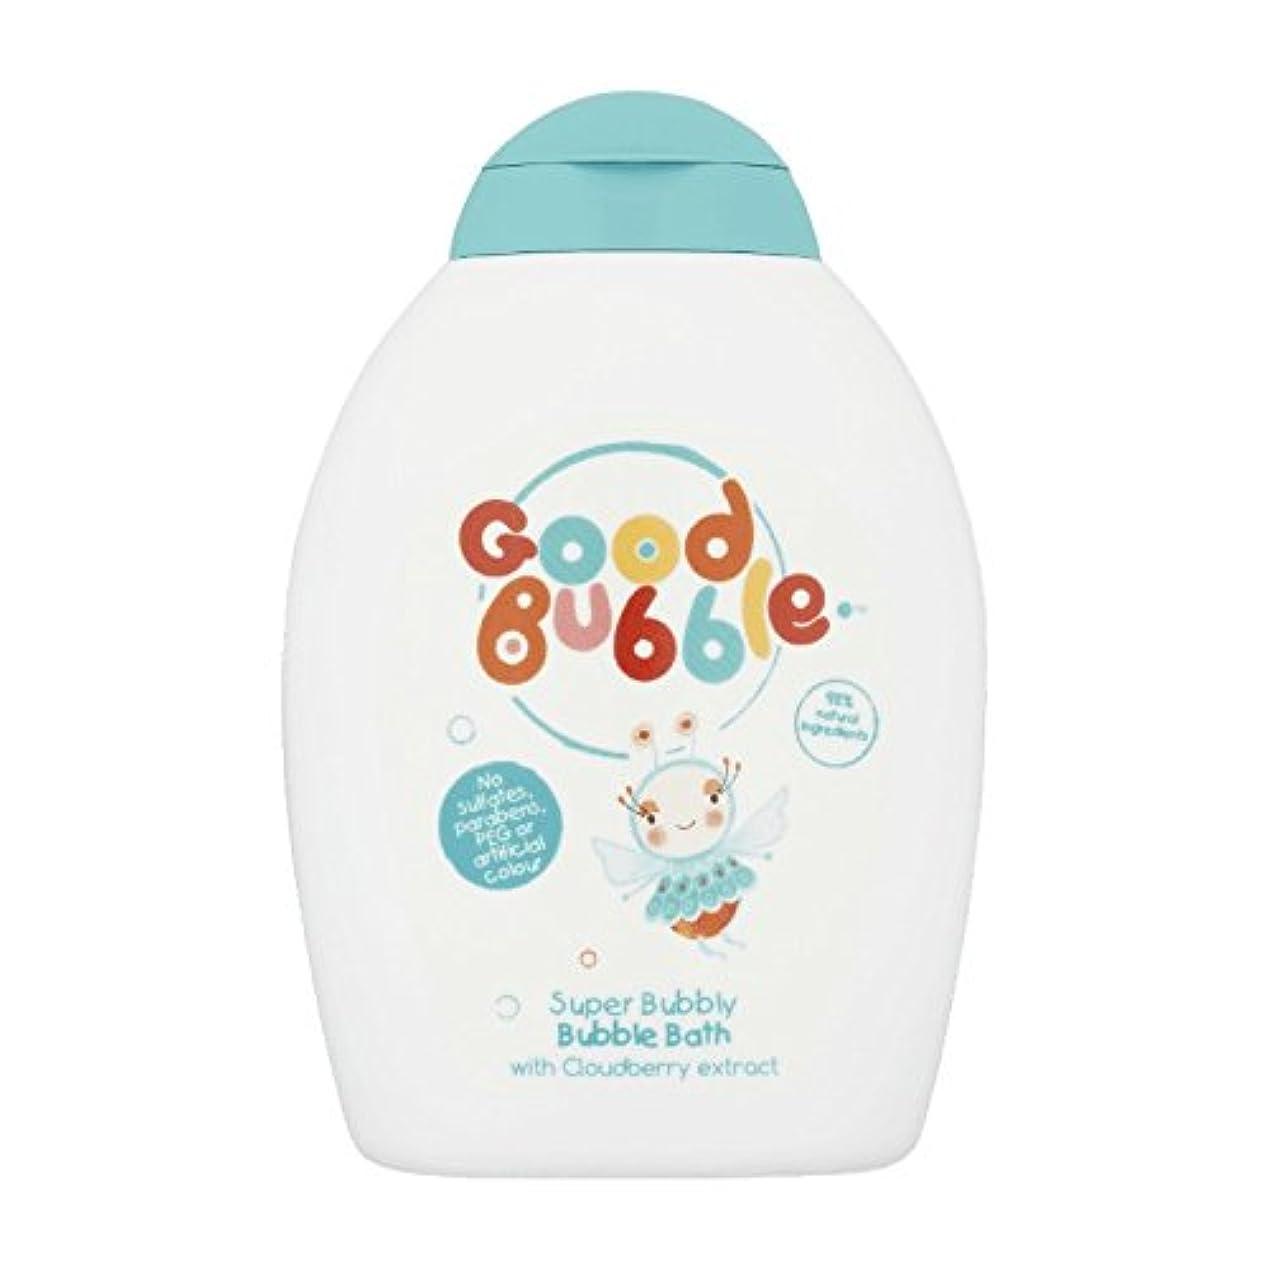 衝突する戦士ボイコット良いバブルクラウドベリーバブルバス400ミリリットル - Good Bubble Cloudberry Bubble Bath 400ml (Good Bubble) [並行輸入品]